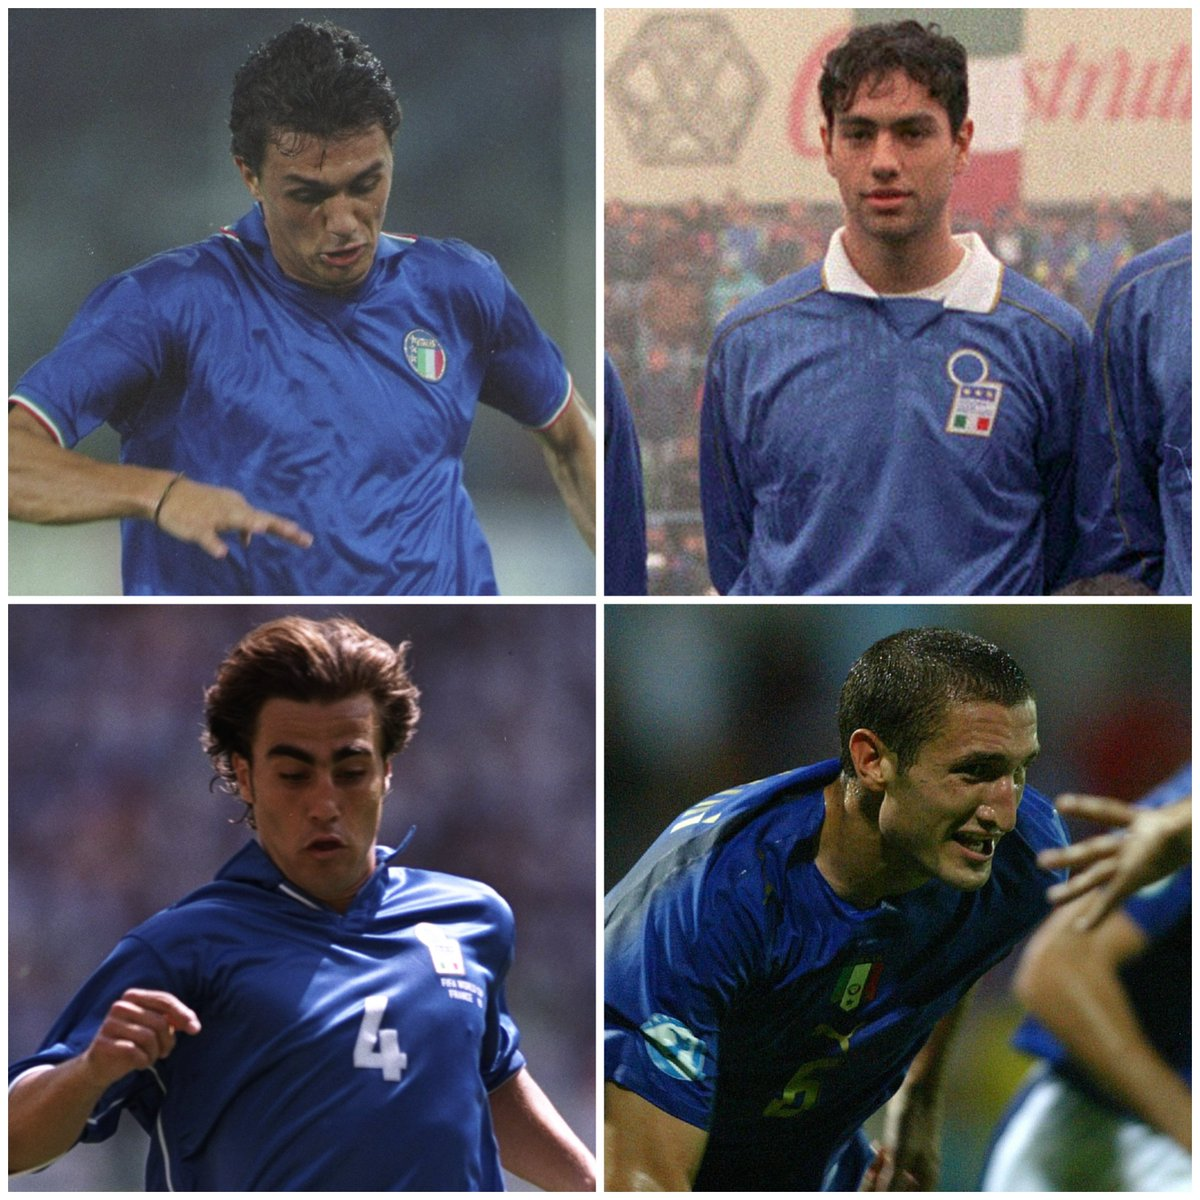 RT @UEFAcom_it: Grandi difensori dell'Italia Under 21 🇮🇹   Componi la tua coppia ideale 🤔🤔  #U21EURO | @Vivo_Azzurro...